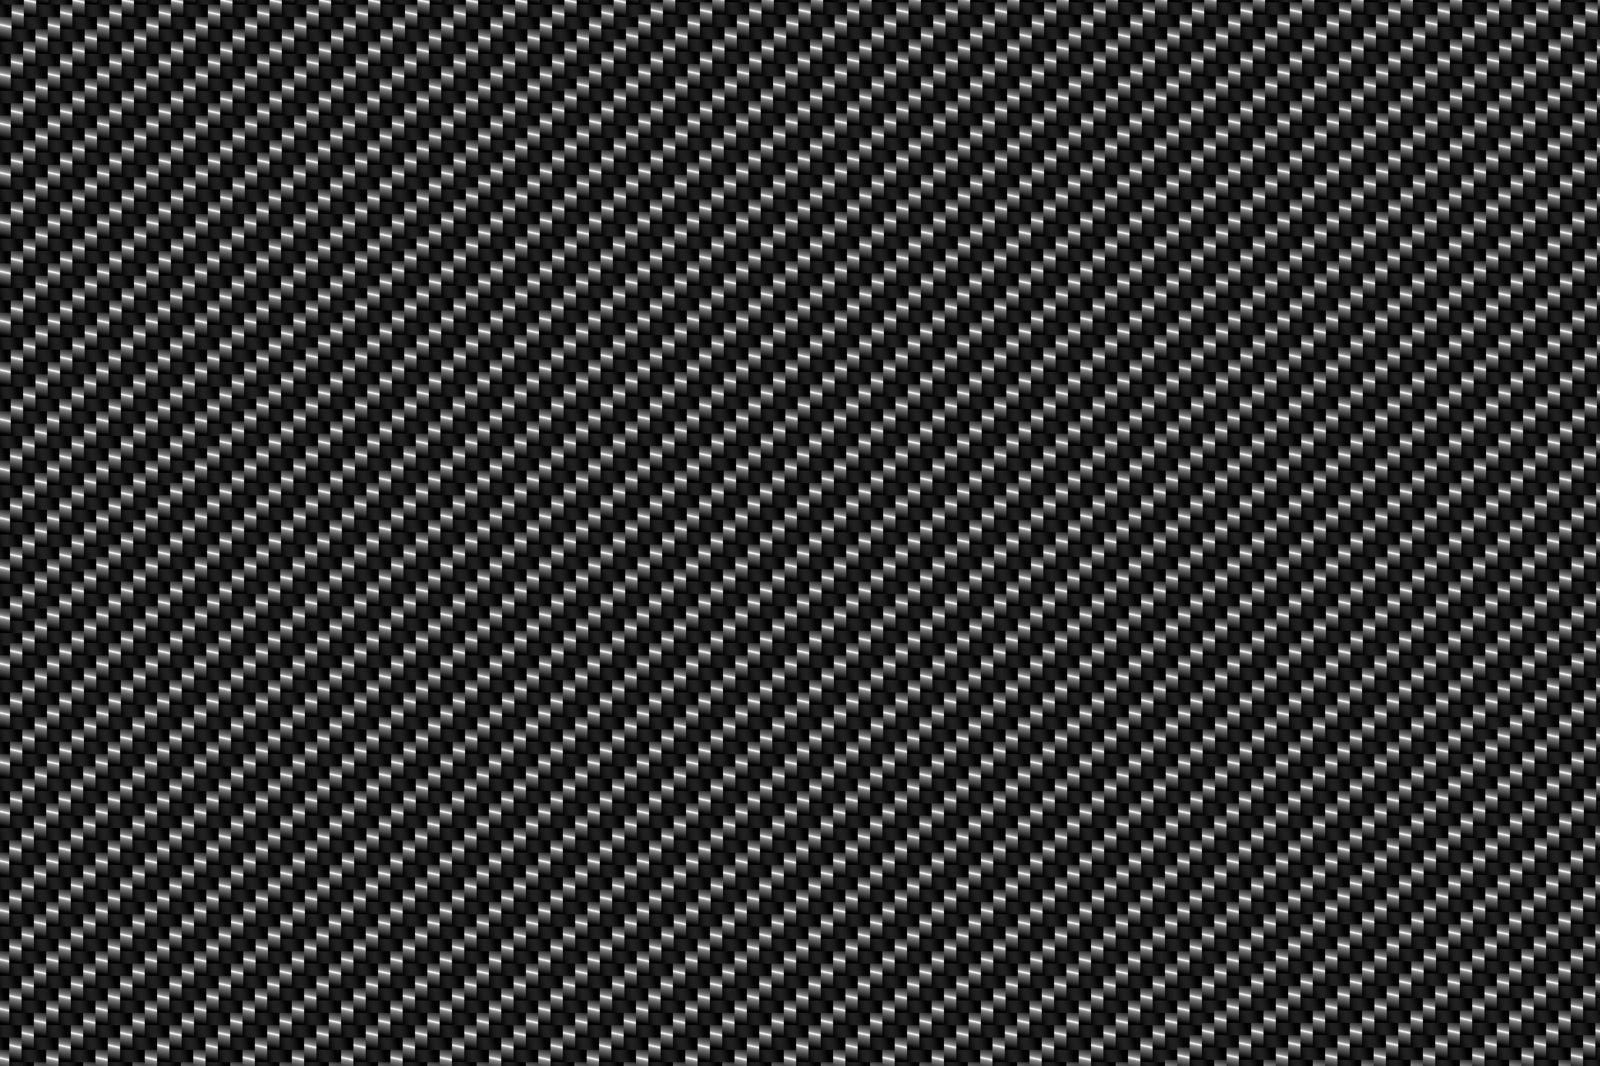 background carbon fiber - Carbon Fiber PNG